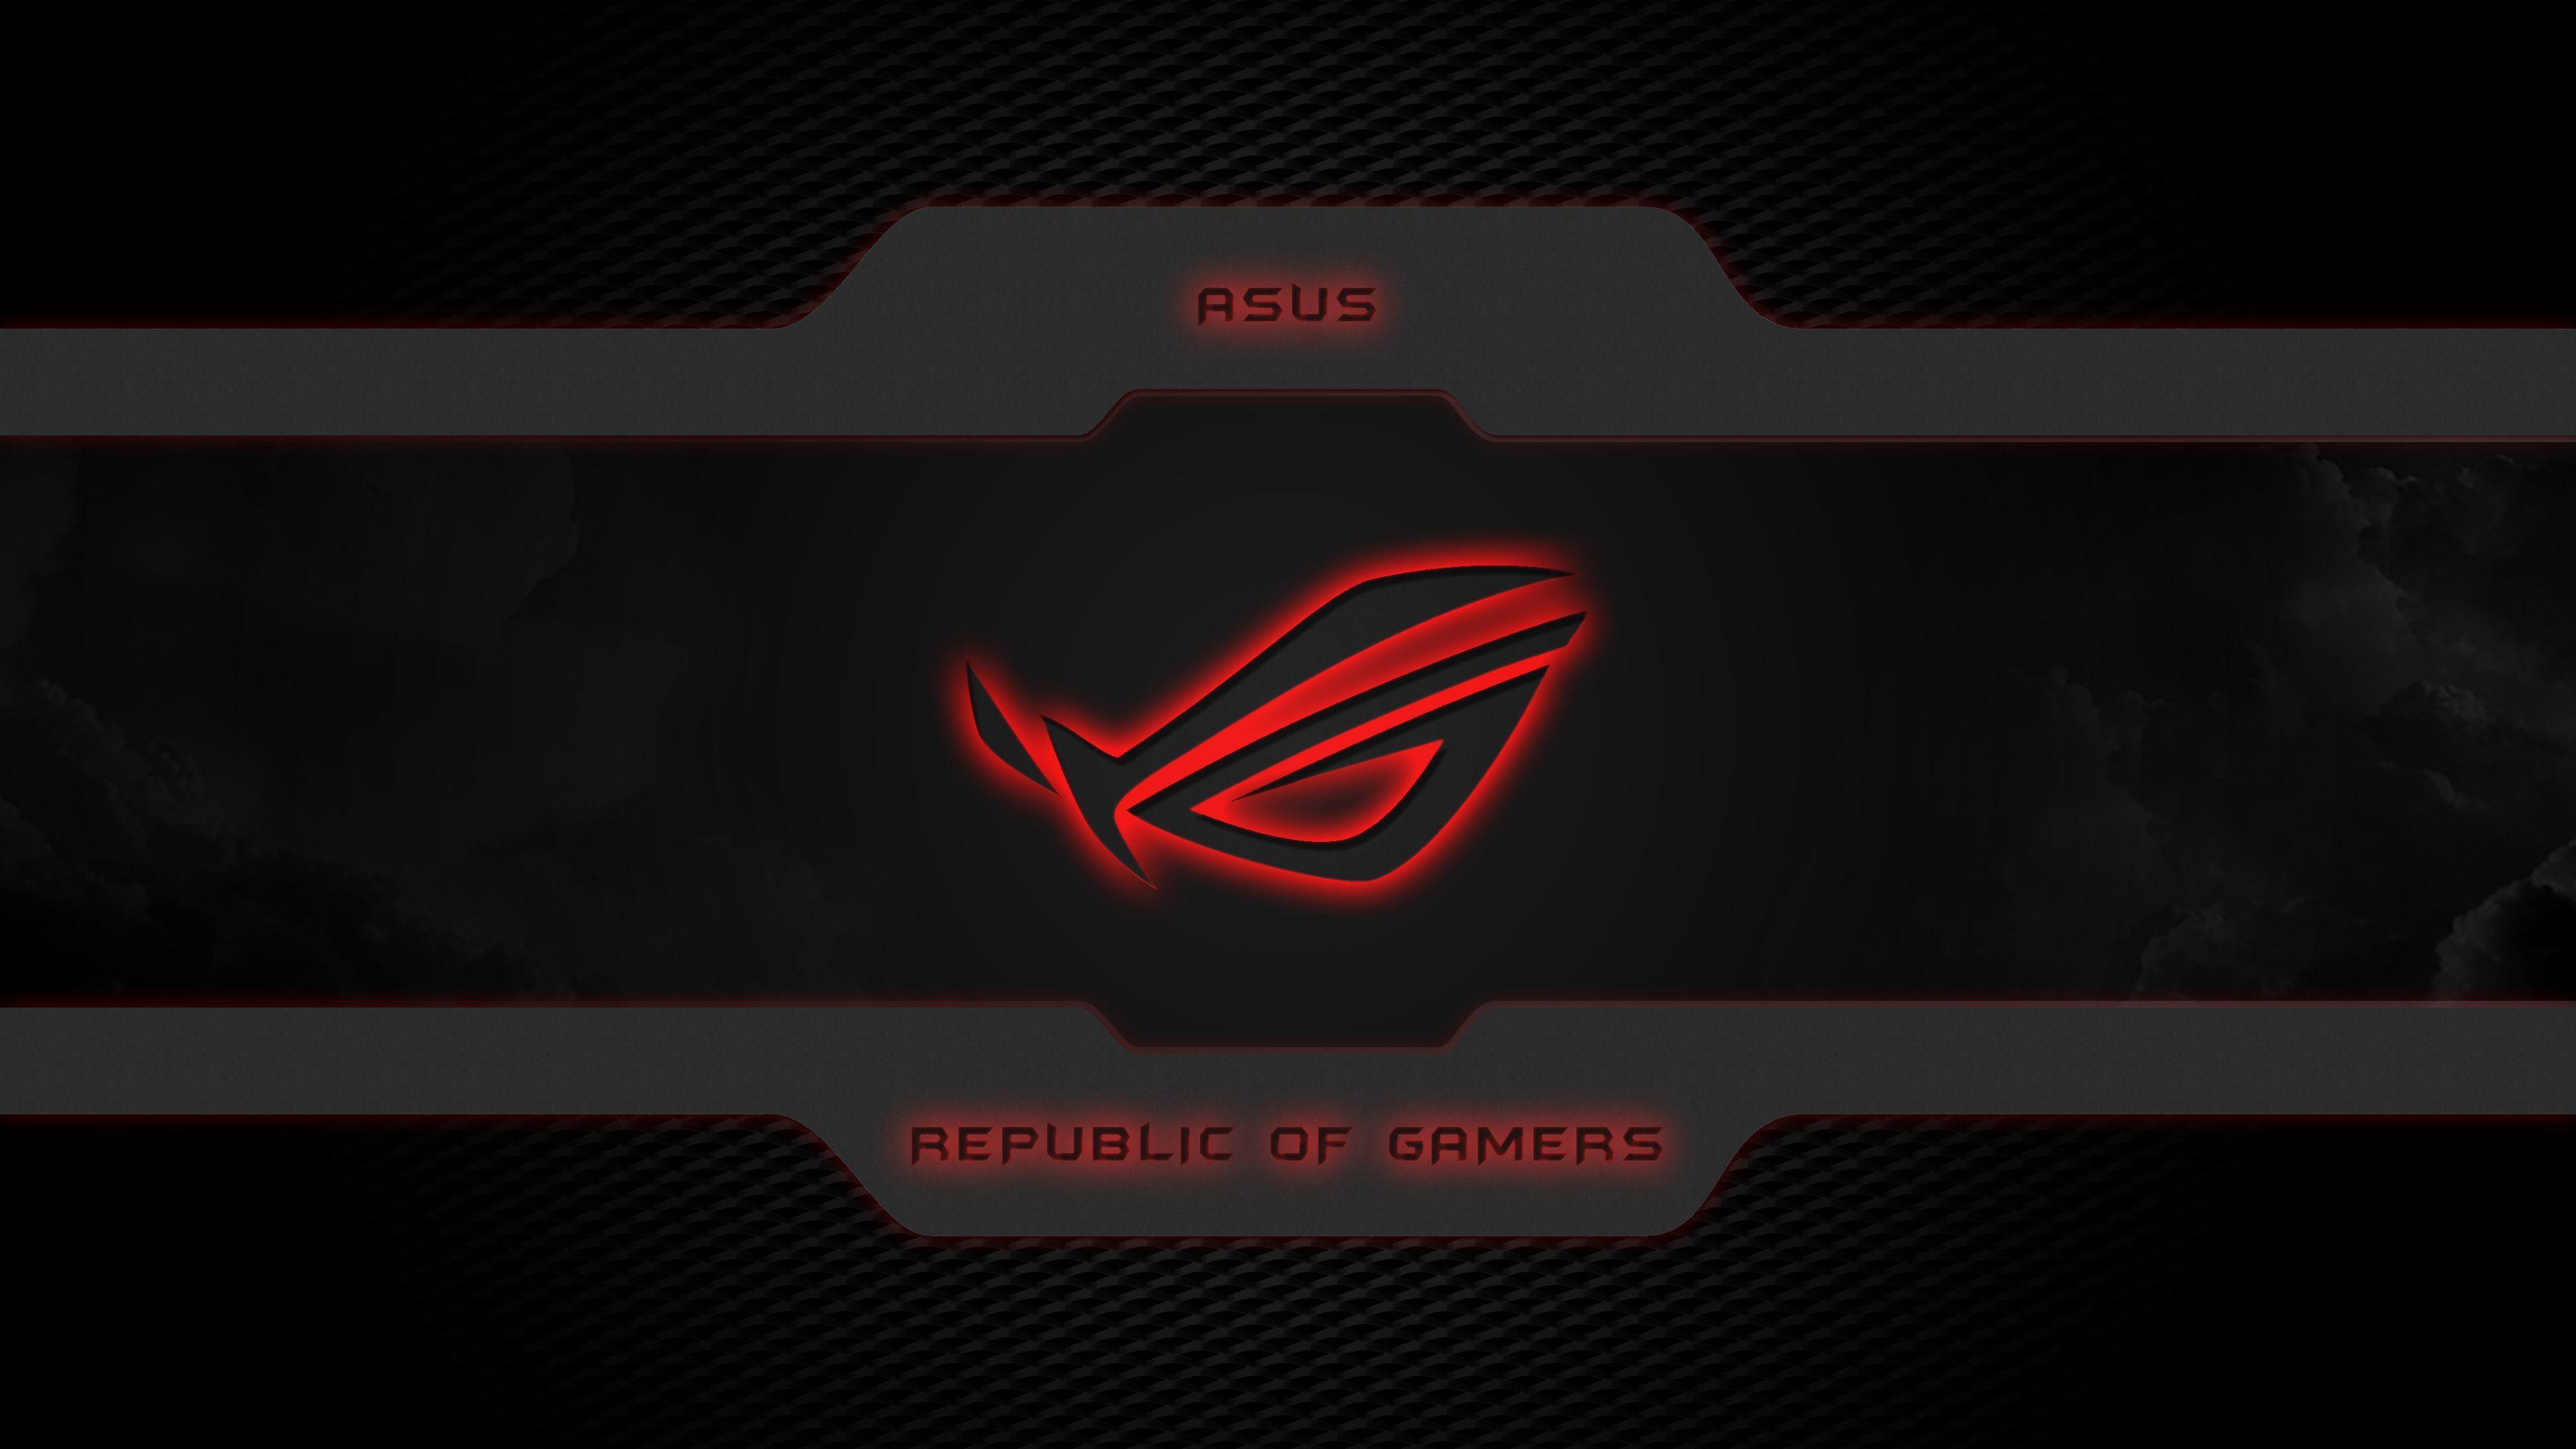 Asus 4K Ultra HD Wallpapers Top Free Asus 4K Ultra HD